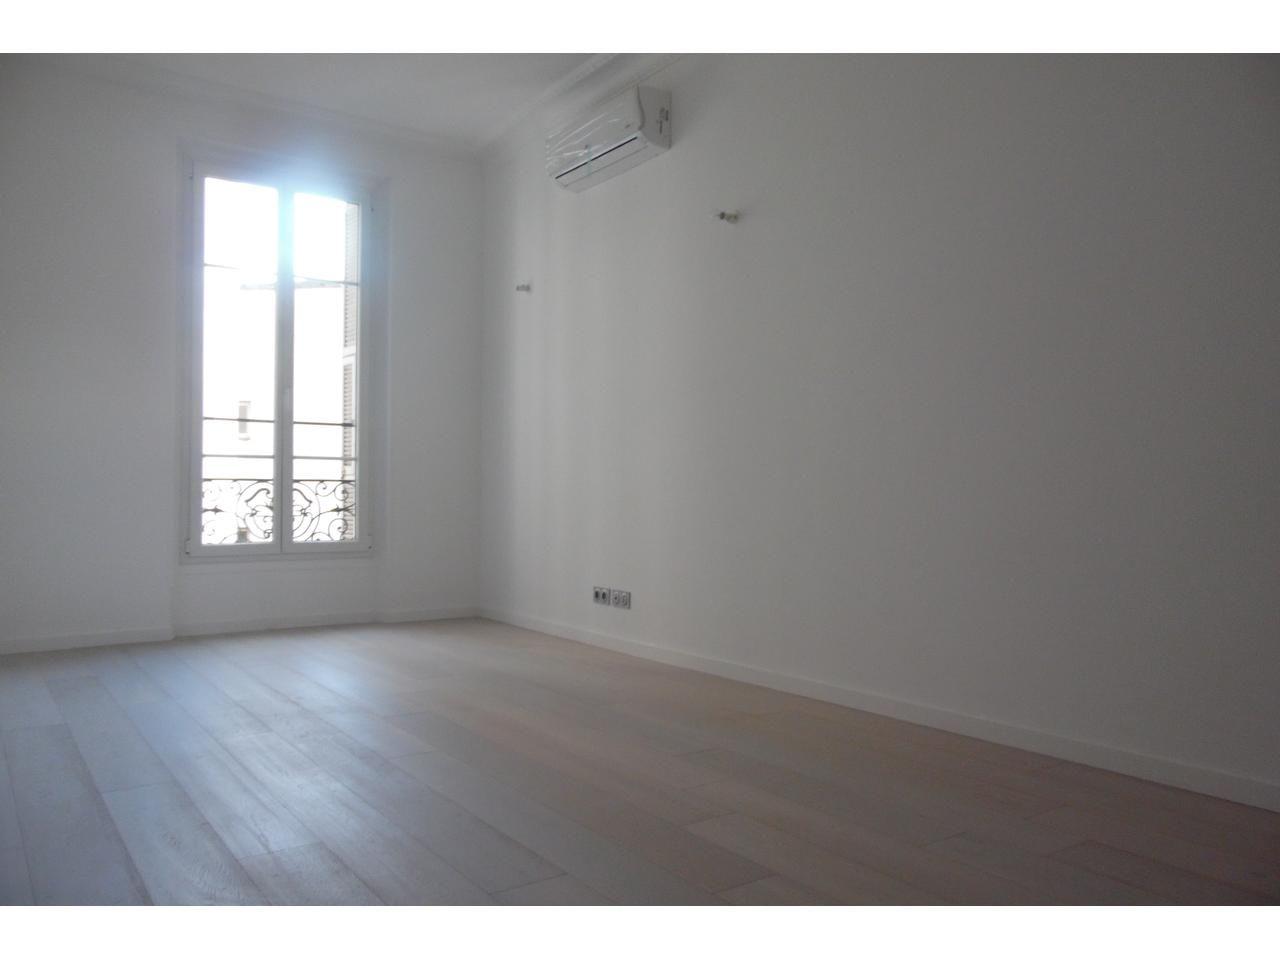 Квартира в Ницце, Франция, 43 м2 - фото 1